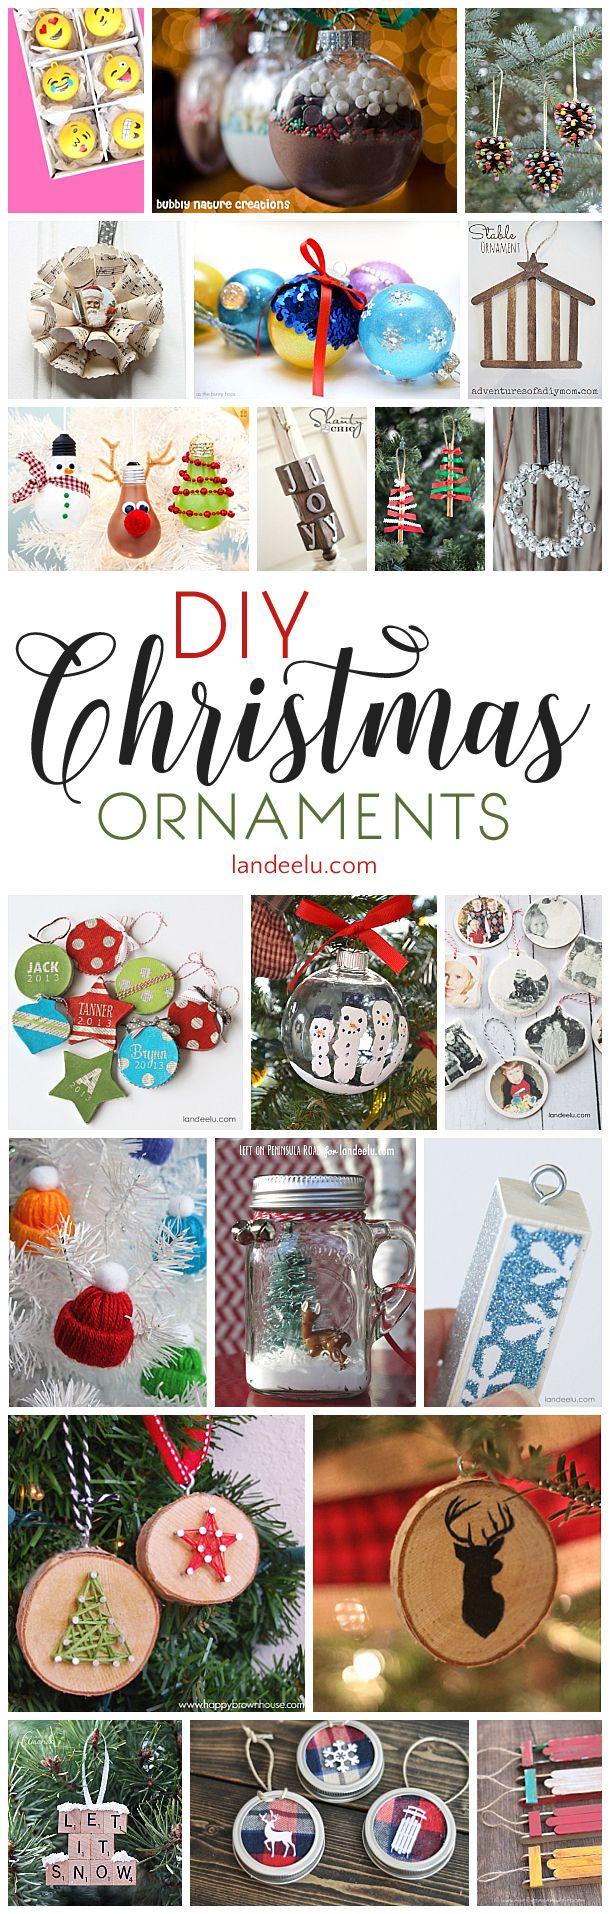 Diy christmas ornaments to make for a festive do it yourself holiday diy christmas ornaments to make for a festive do it yourself holiday cheap easy solutioingenieria Images